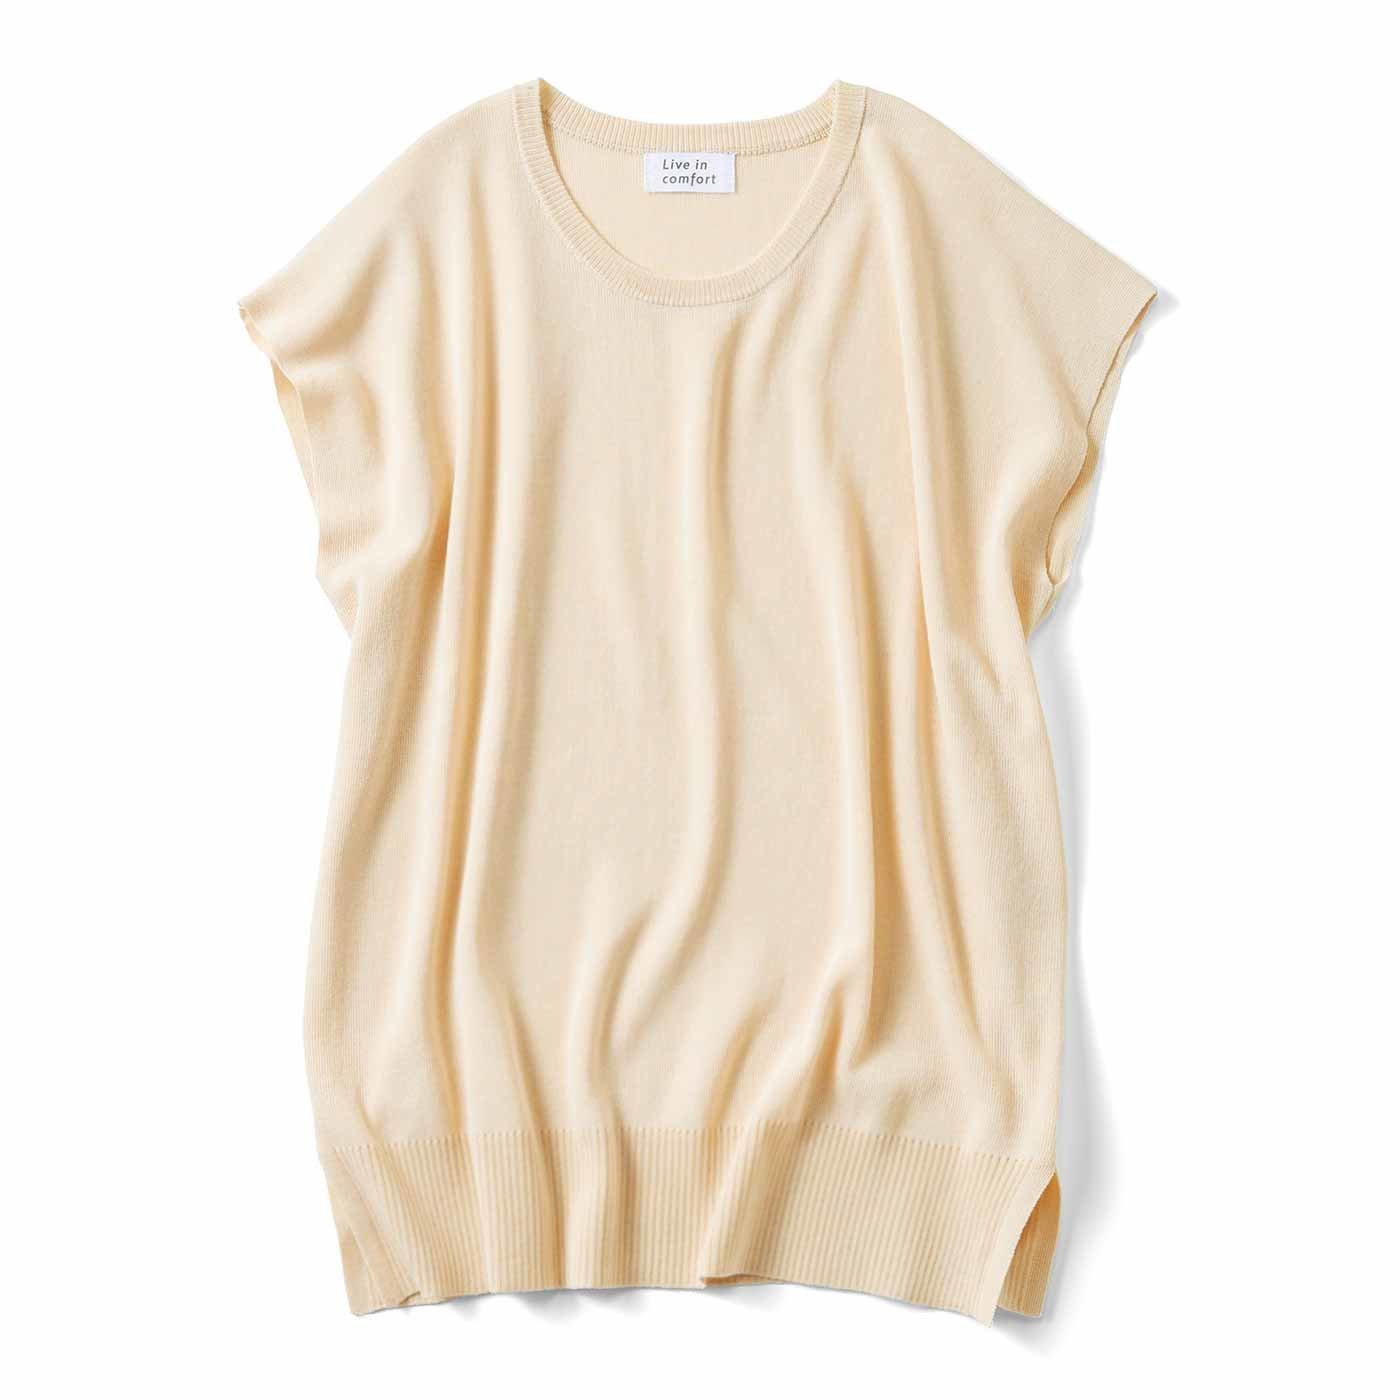 リブ イン コンフォート Tシャツみたいに気軽に着られるサマーニットトップスの会